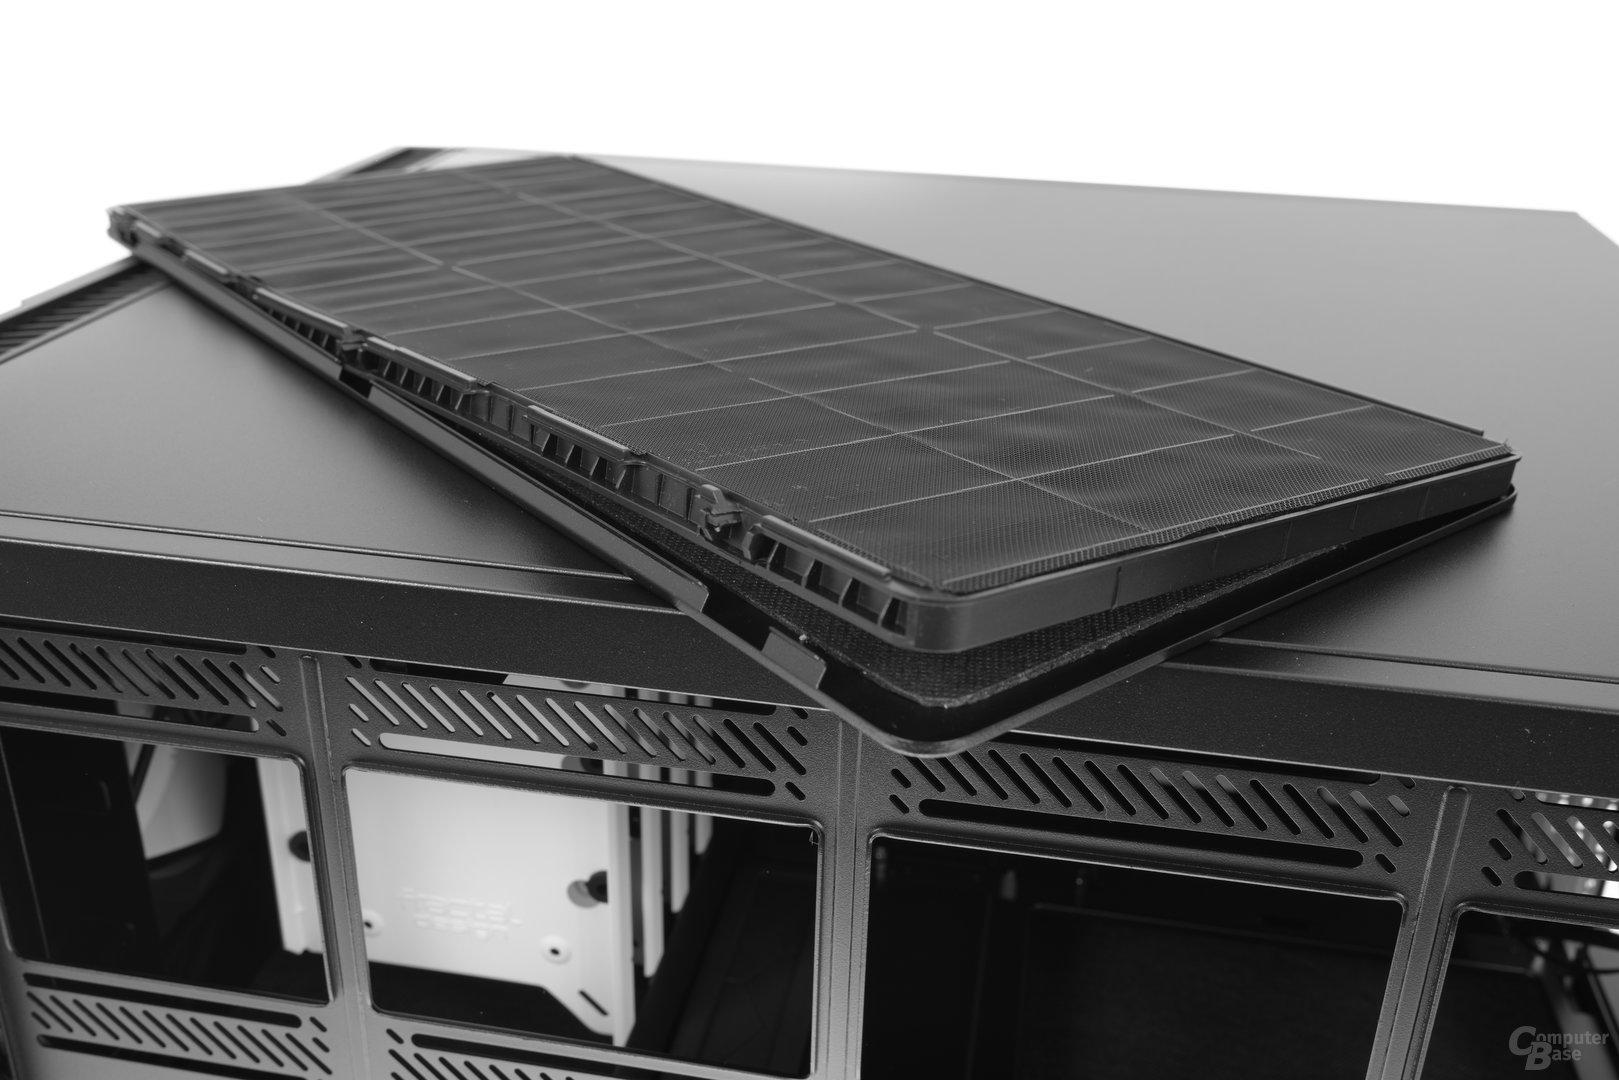 Fractal Design Define R6 – In der Topabdeckung verbirgt sich eine weitere Abdeckung